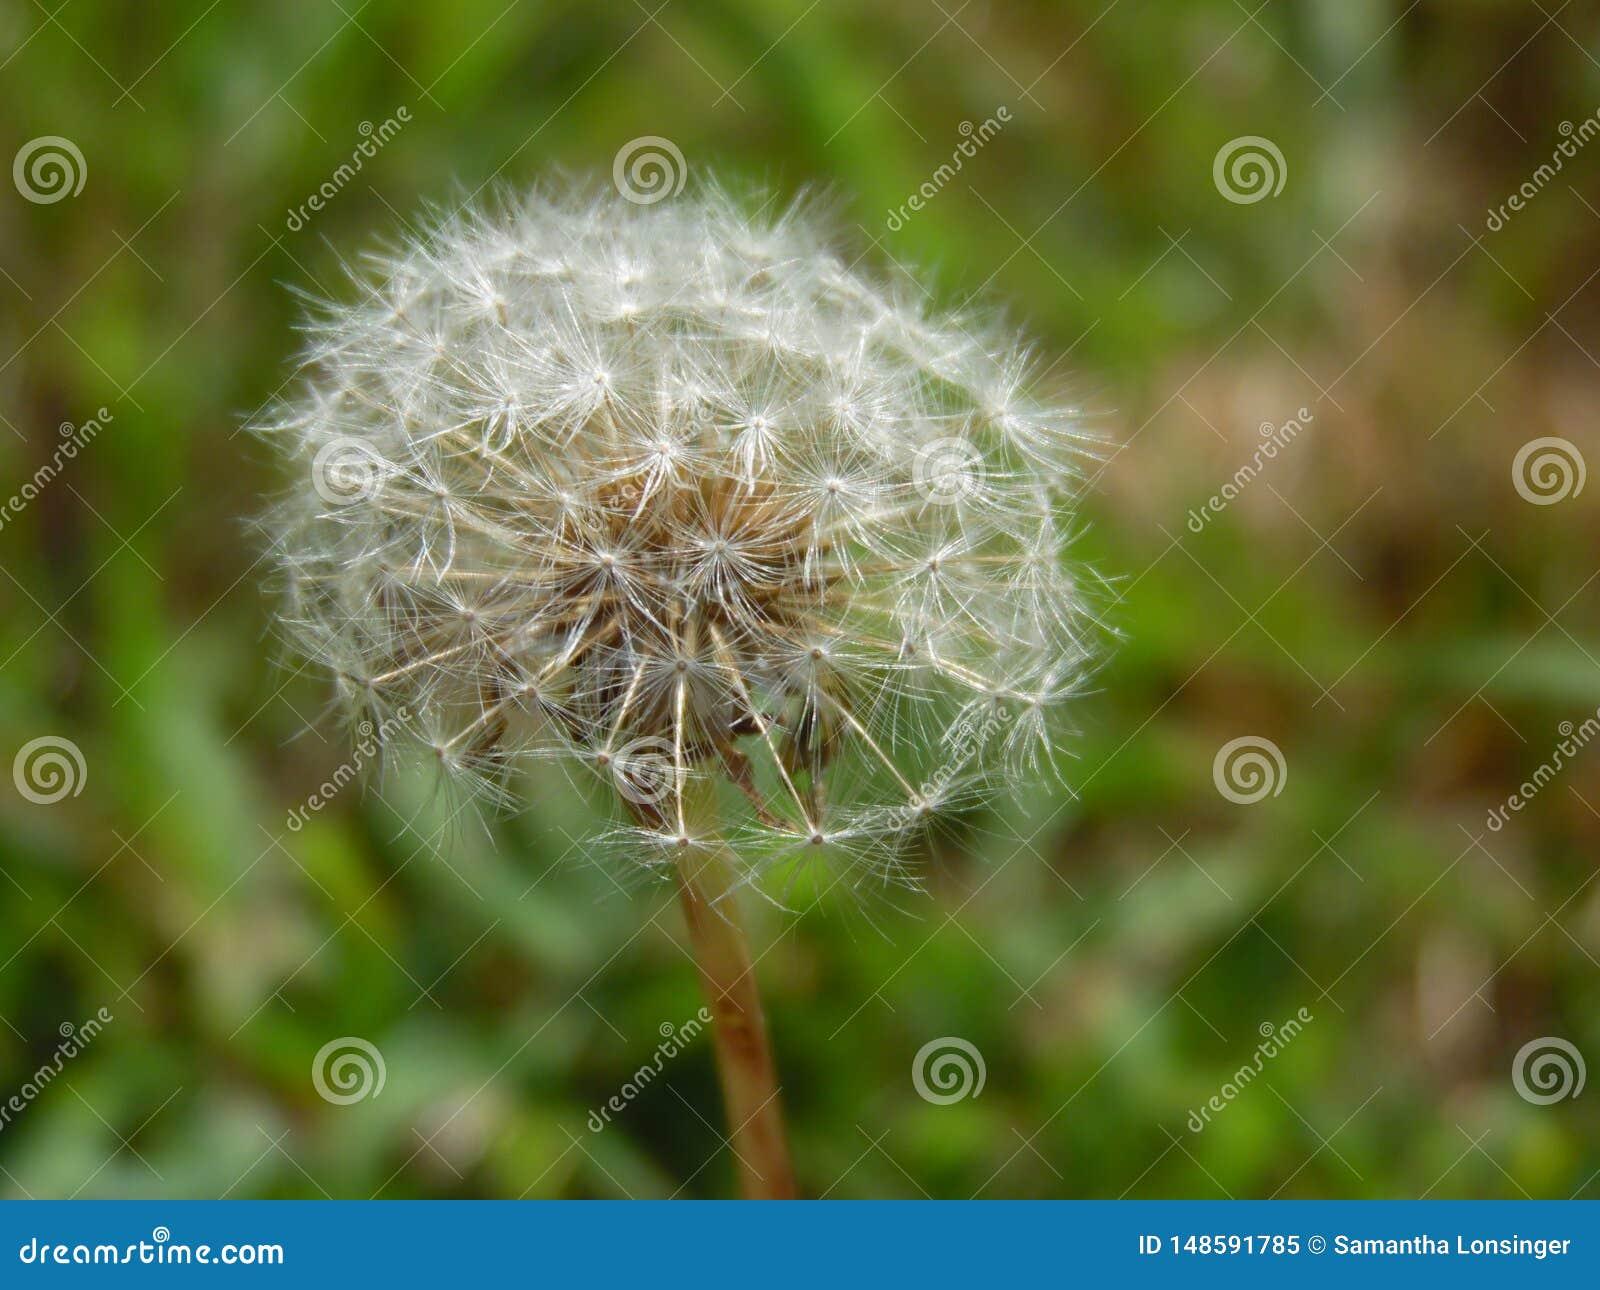 Haga un deseo